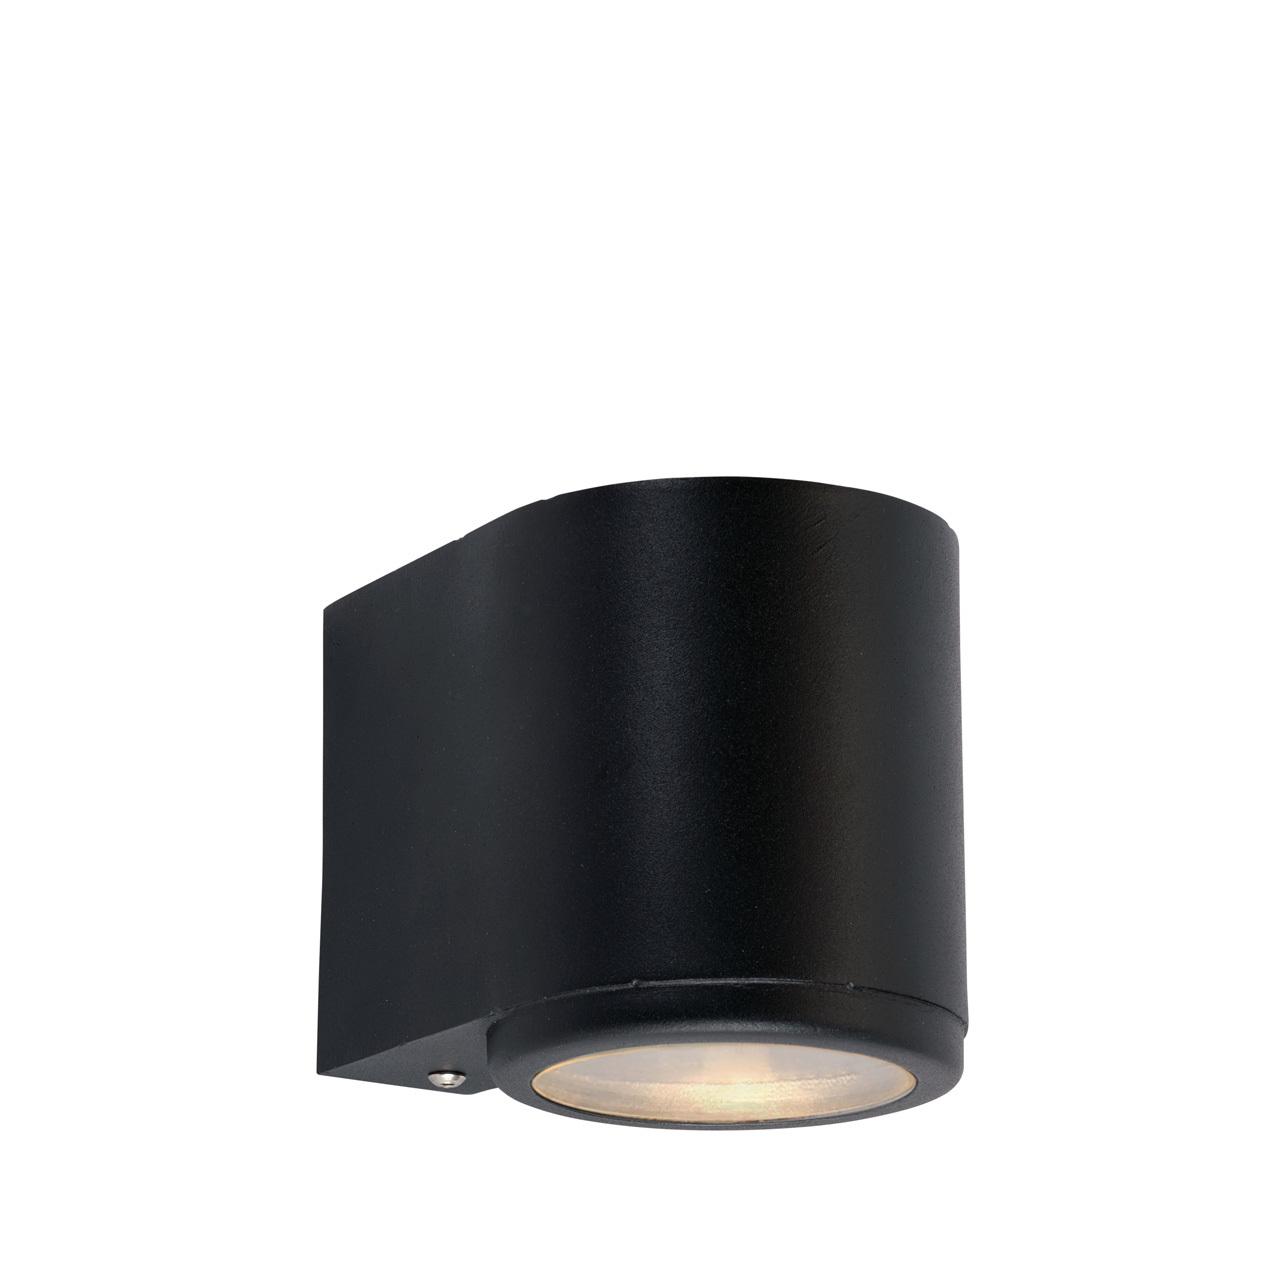 Lampa ścienna MANDAL 1374B -Norlys  SPRAWDŹ RABATY  5-10-15-20 % w koszyku